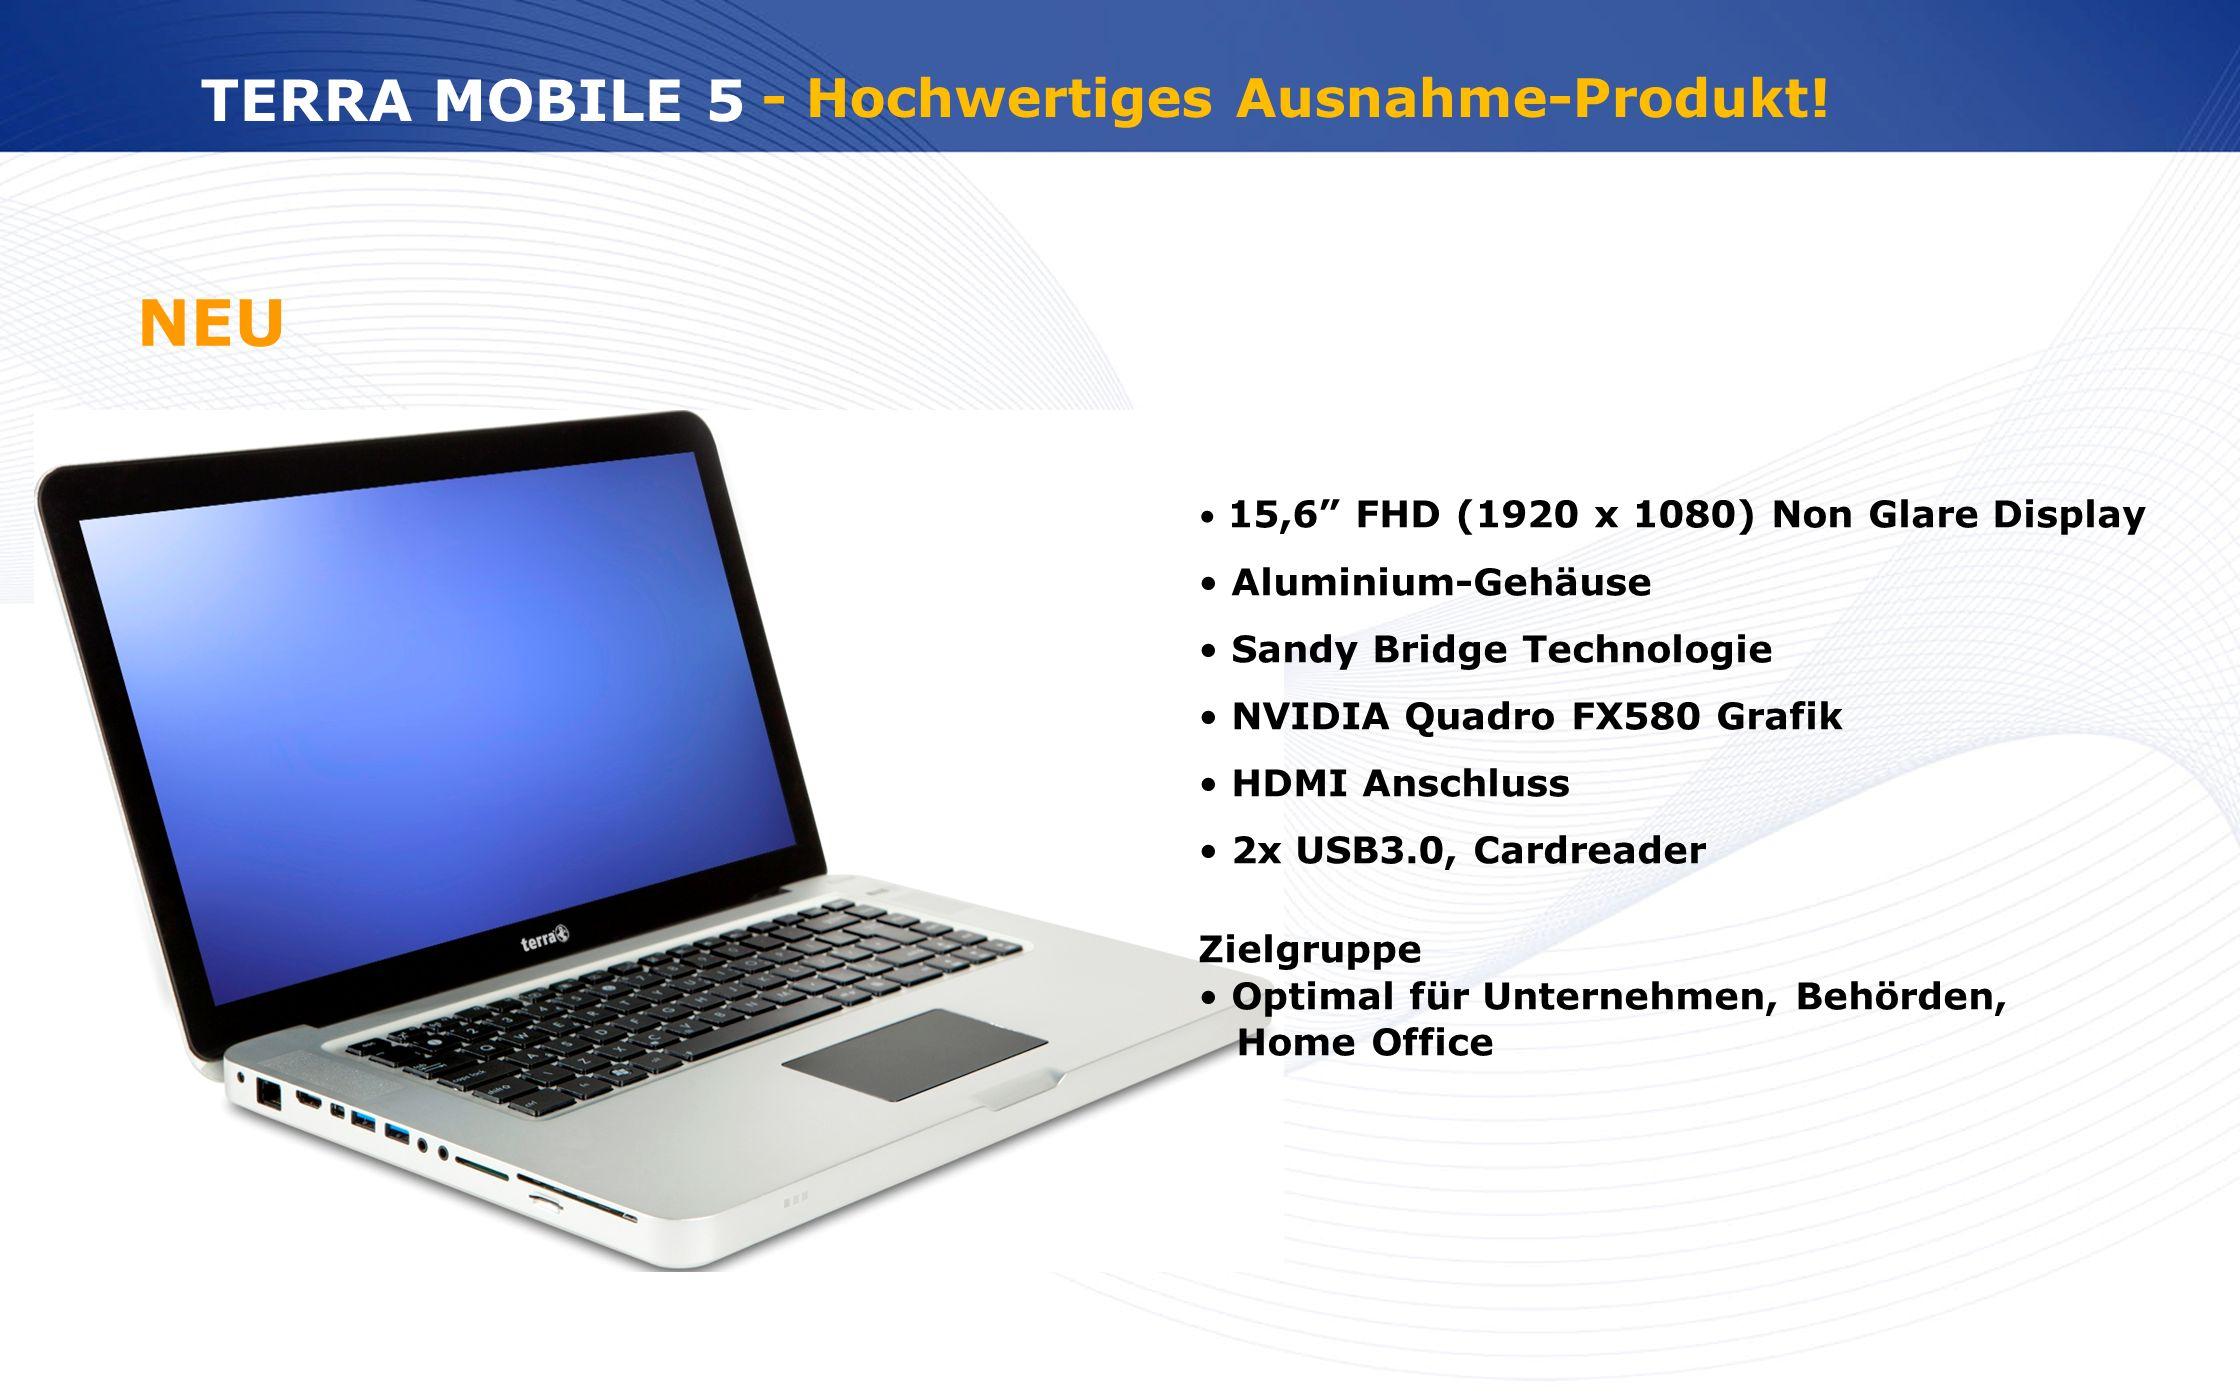 NEU TERRA MOBILE 5 - Hochwertiges Ausnahme-Produkt! Aluminium-Gehäuse